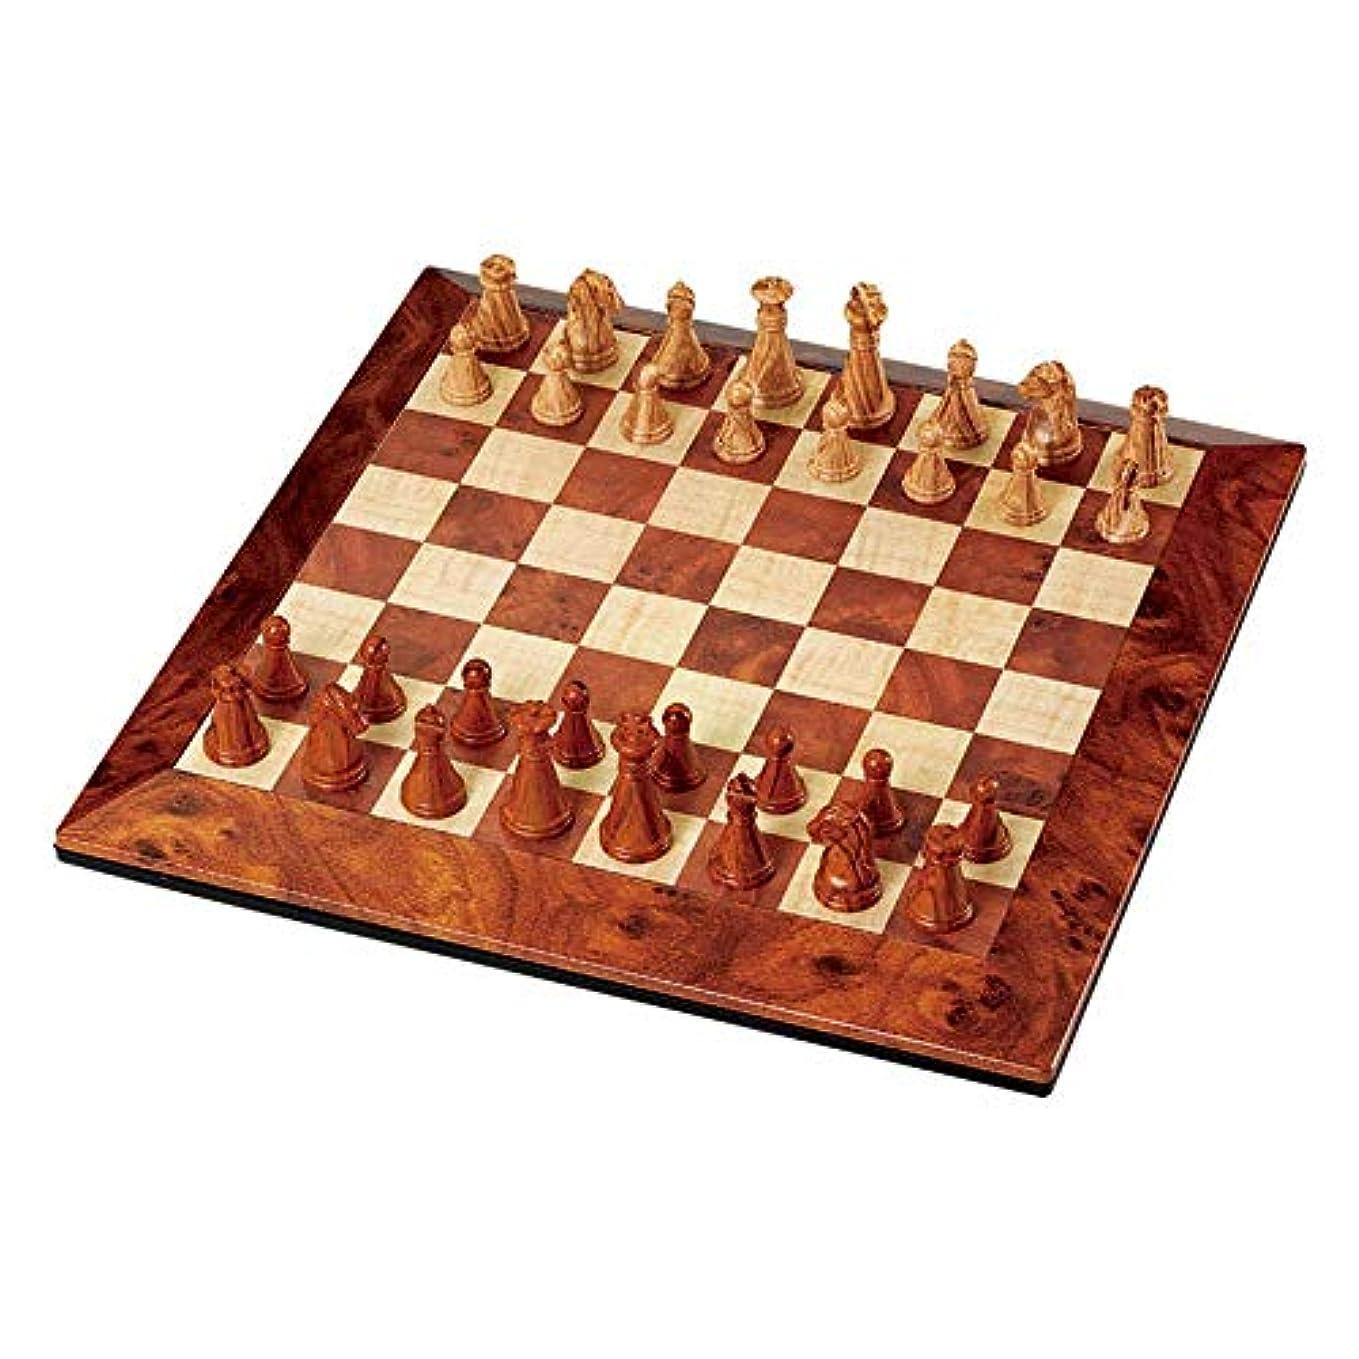 チェスセット セ 大人の子供のための磁気旅行チェスセットの携帯用従来のチェスのゲーム マスターチェス (色 : As picture, サイズ : 200x200x20MM)